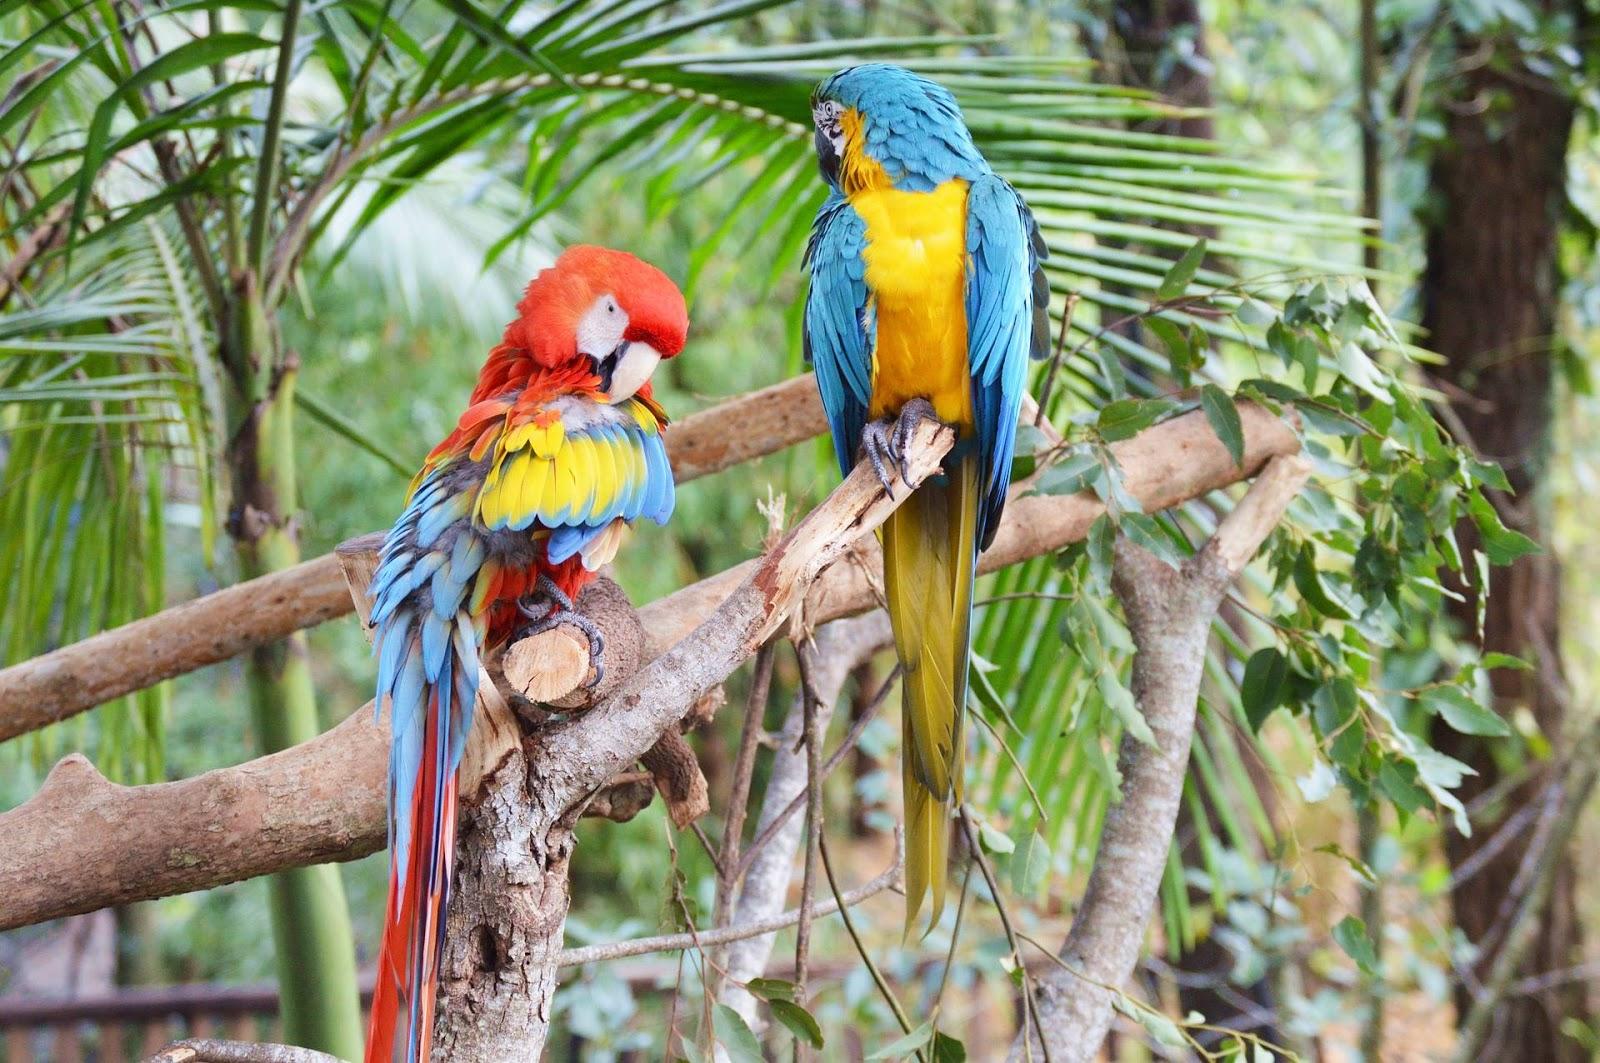 澳洲-昆士蘭-布里斯本-黃金海岸-動物園-澳洲動物園-推薦-必玩-必去-自由行-景點-旅遊-Australia-Zoo